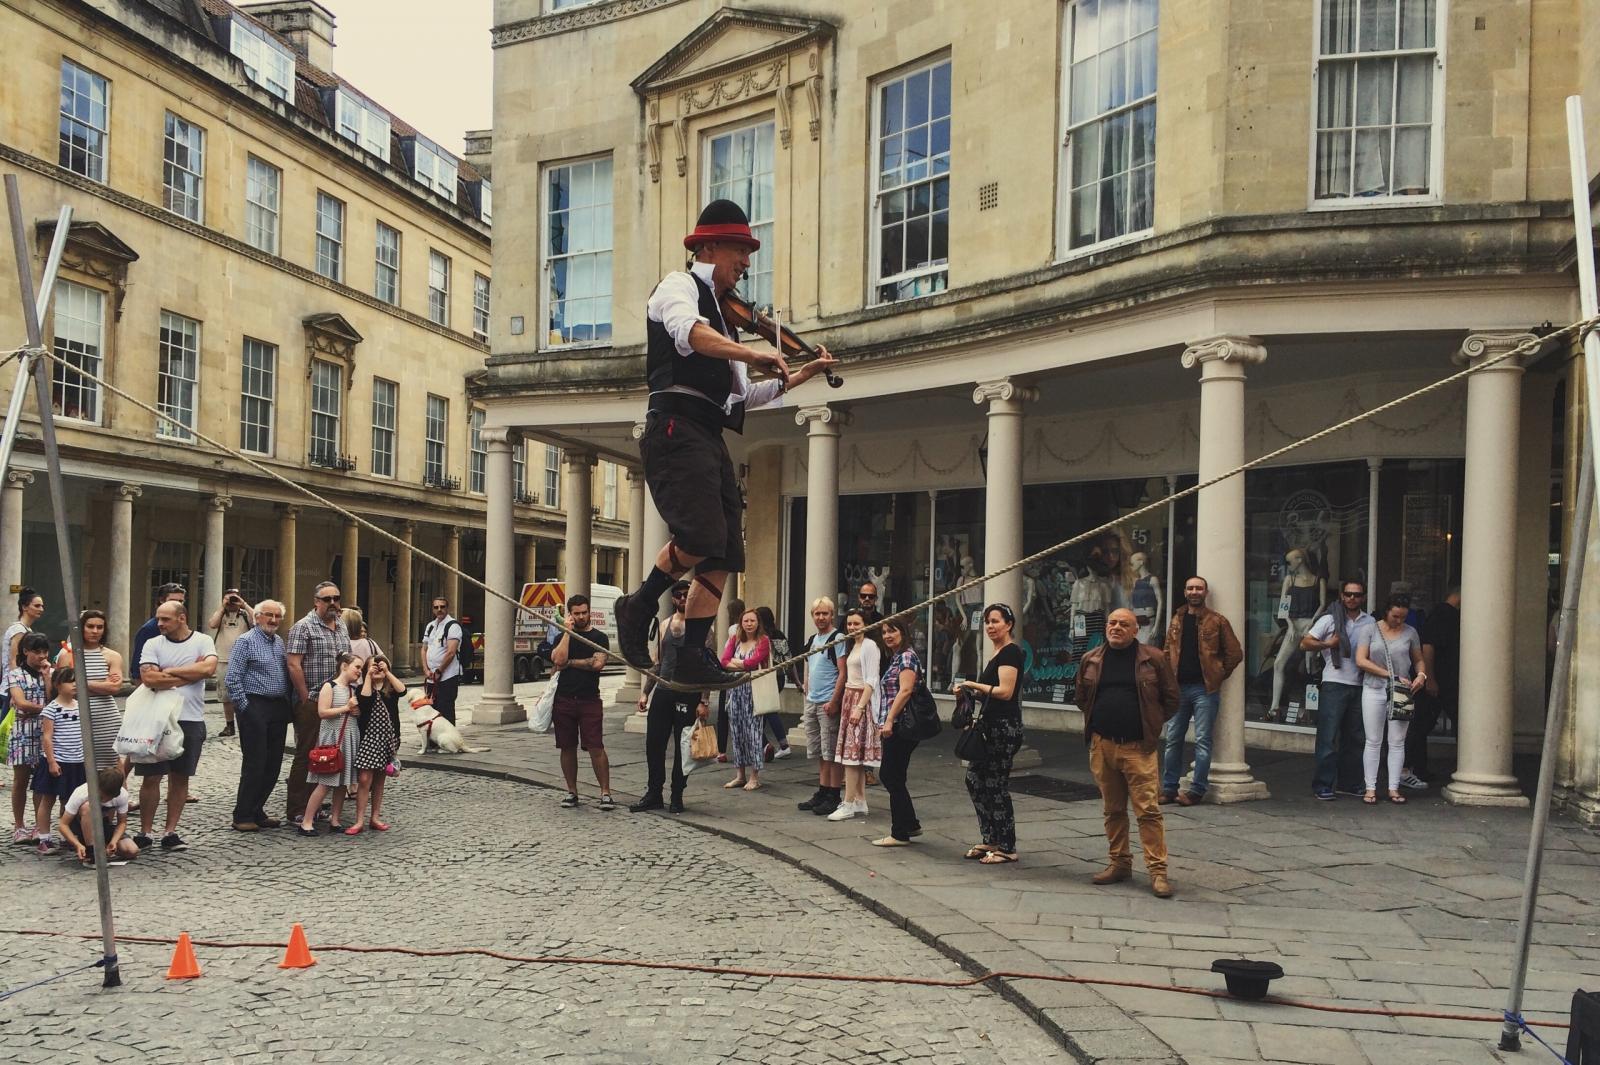 Street performer in Bath, England